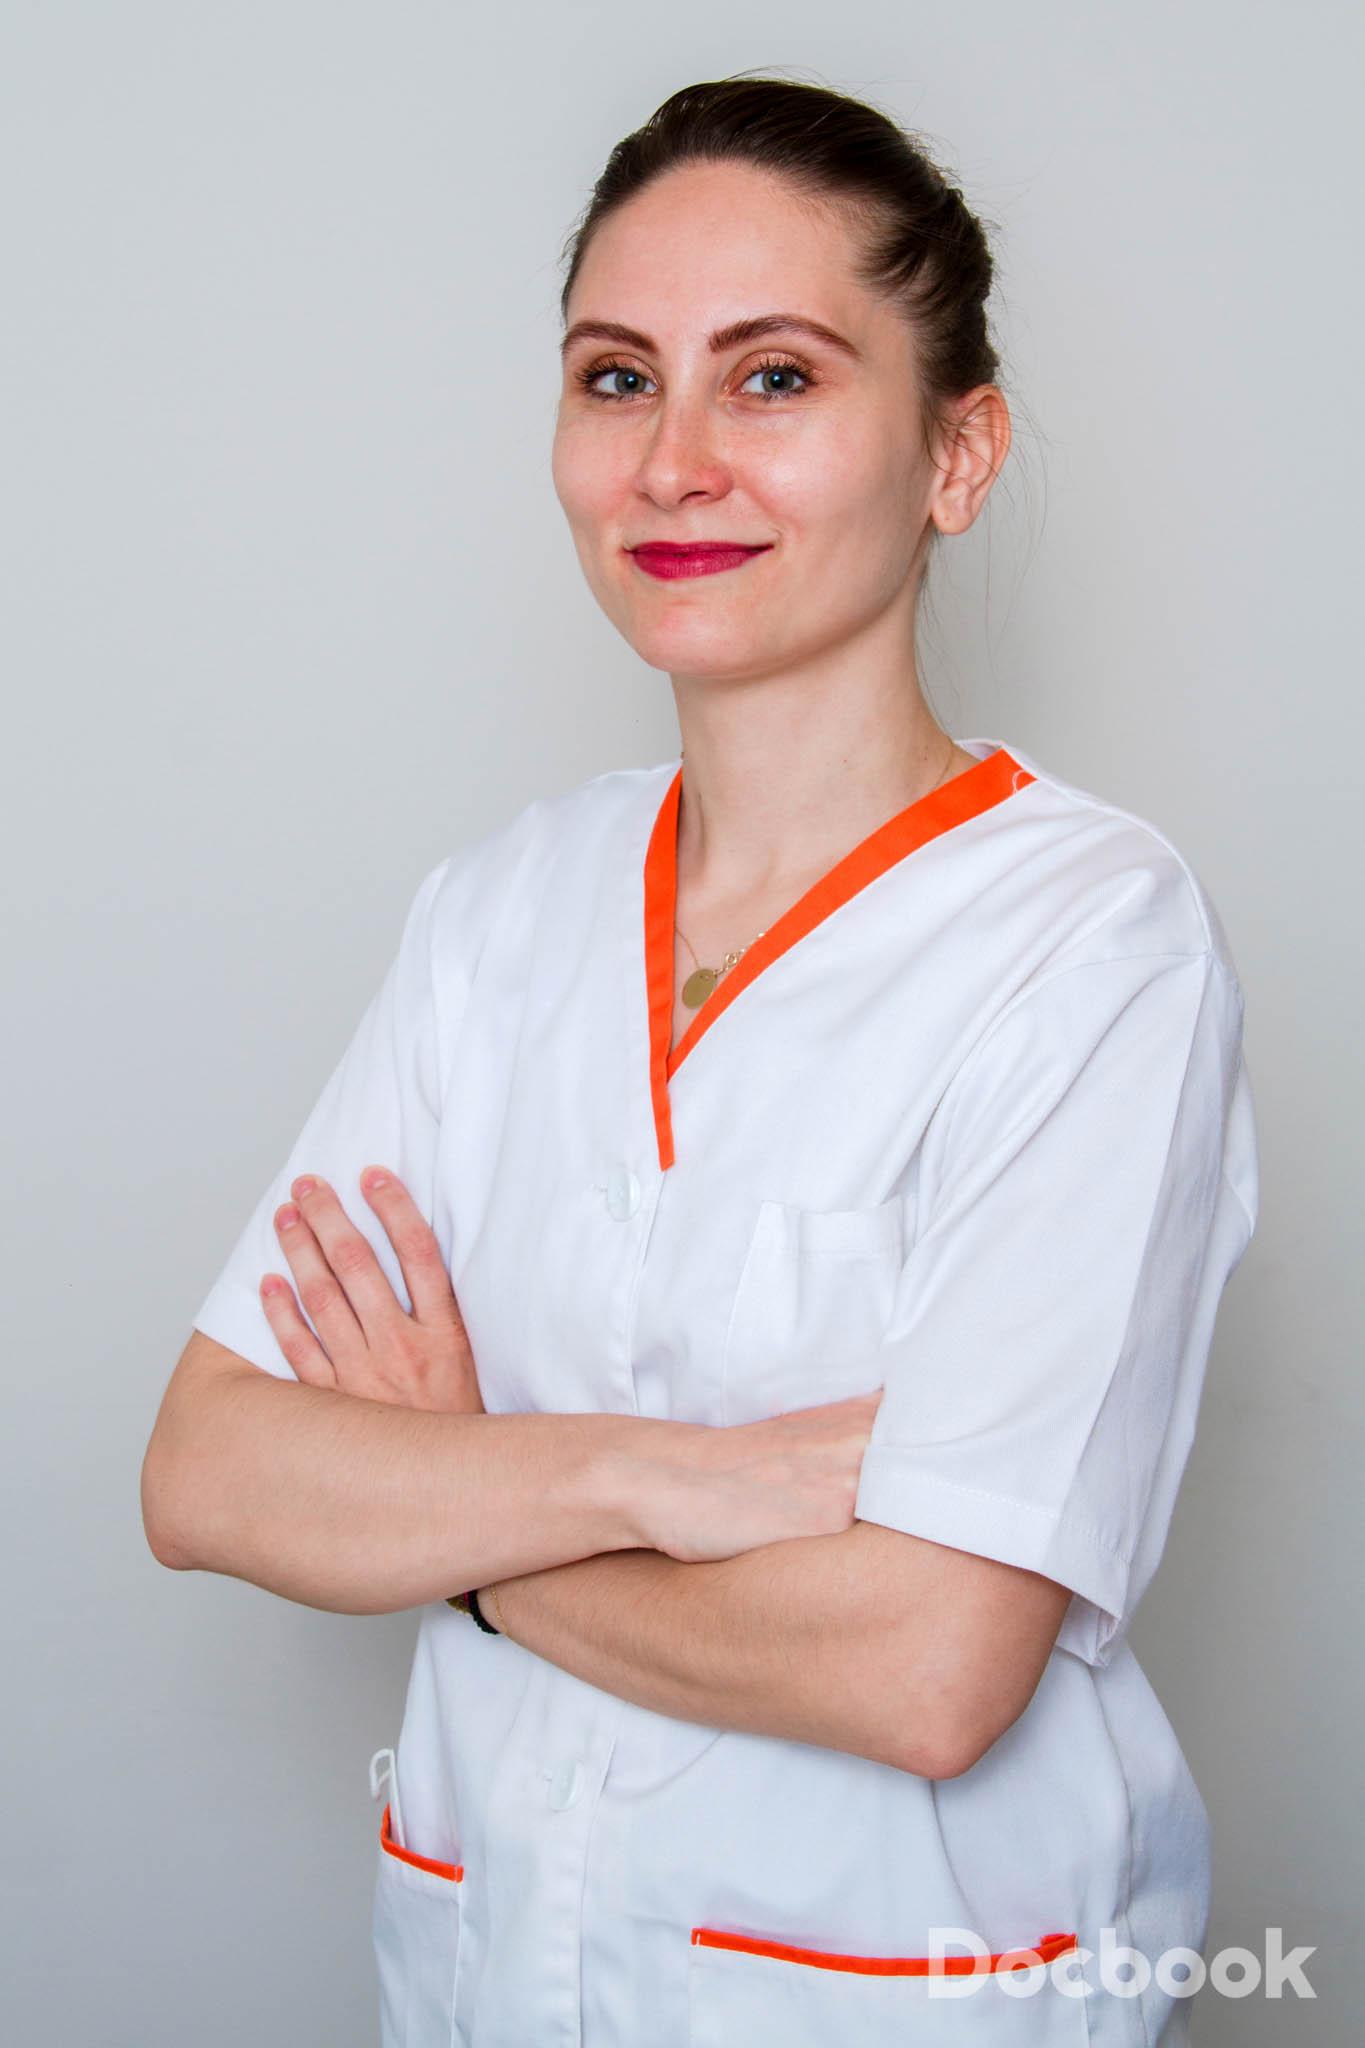 Dr. Tanase Raluca